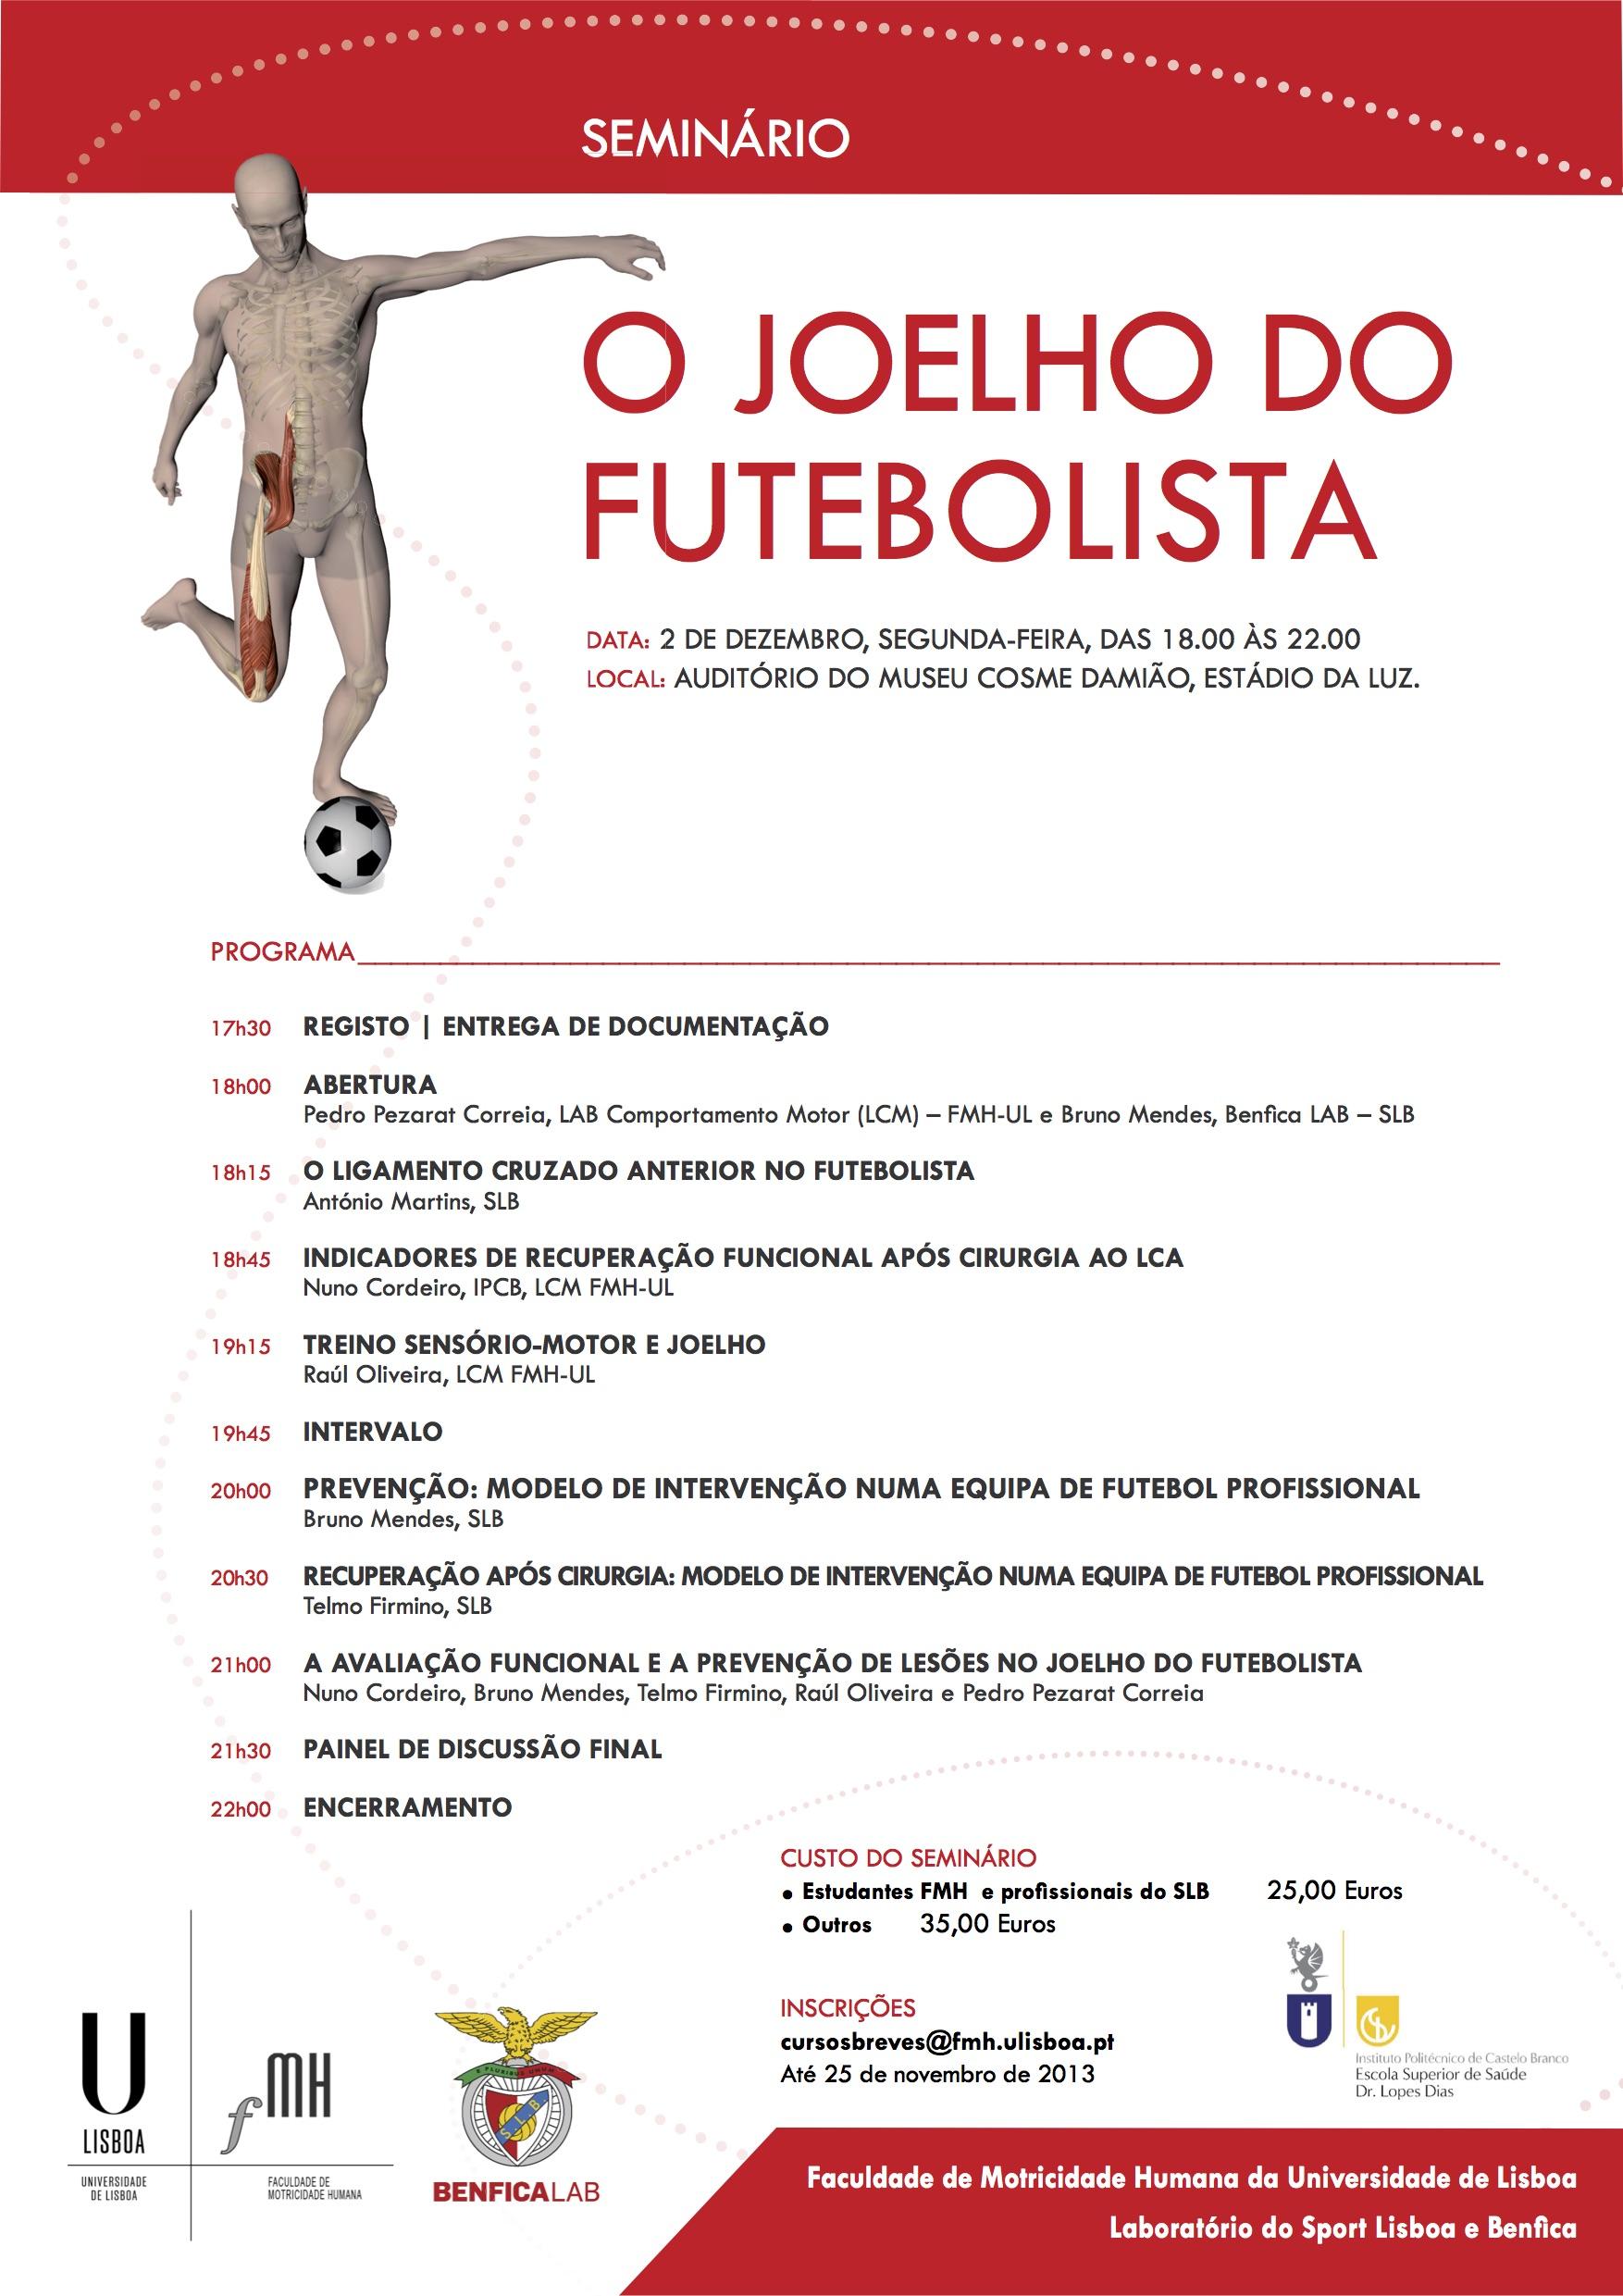 poster JOELHO DO FUTEBOLISTA (2).jpg